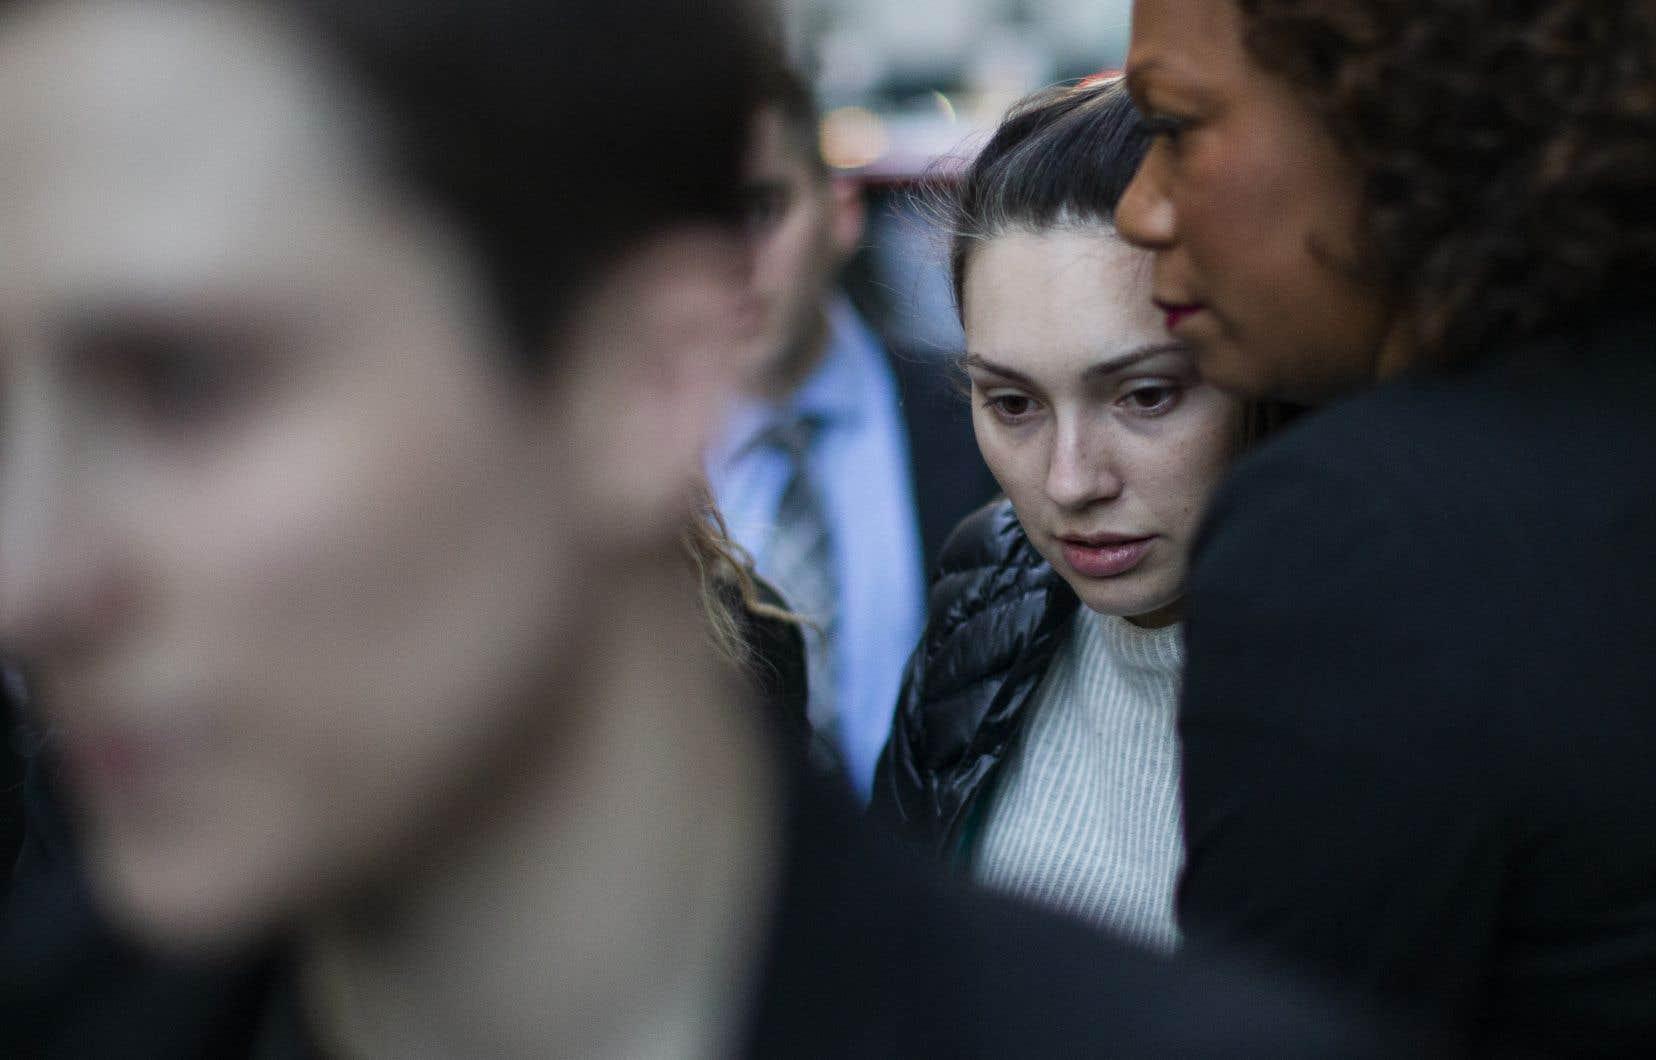 Dès avant le début du procès, la défense avait mis en avant le fait que Jessica Mann avait maintenu une relation avec Harvey Weinstein après le viol présumé et eu des rapports sexuels avec lui, jusqu'en 2016.